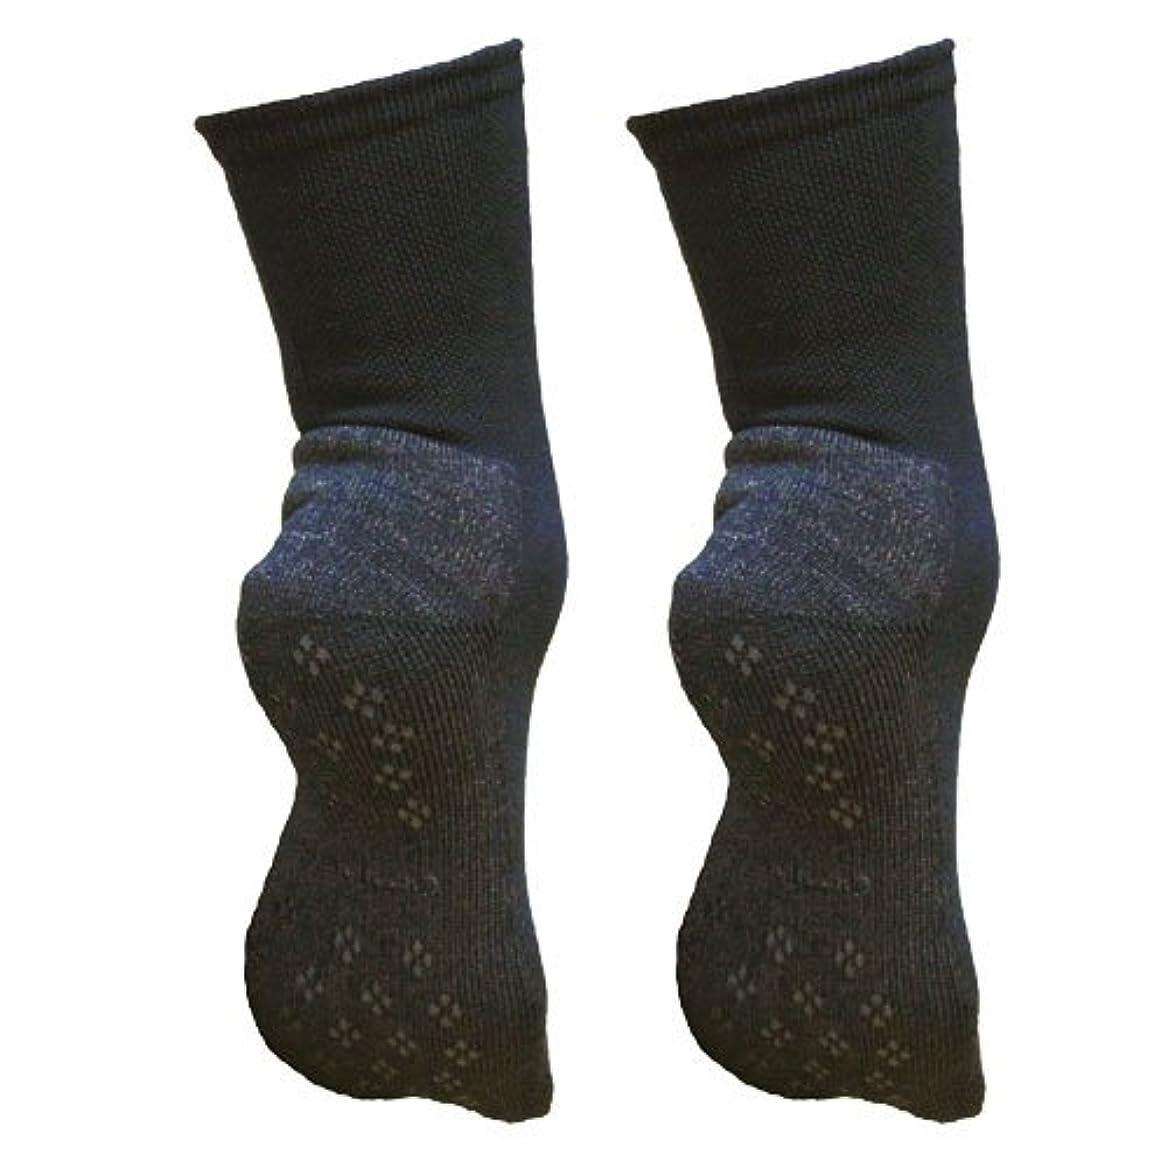 差別的ドアミラー欺銅繊維靴下「足もとはいつも青春」パイルタイプ2足セット 靴底のあたたかさ重視